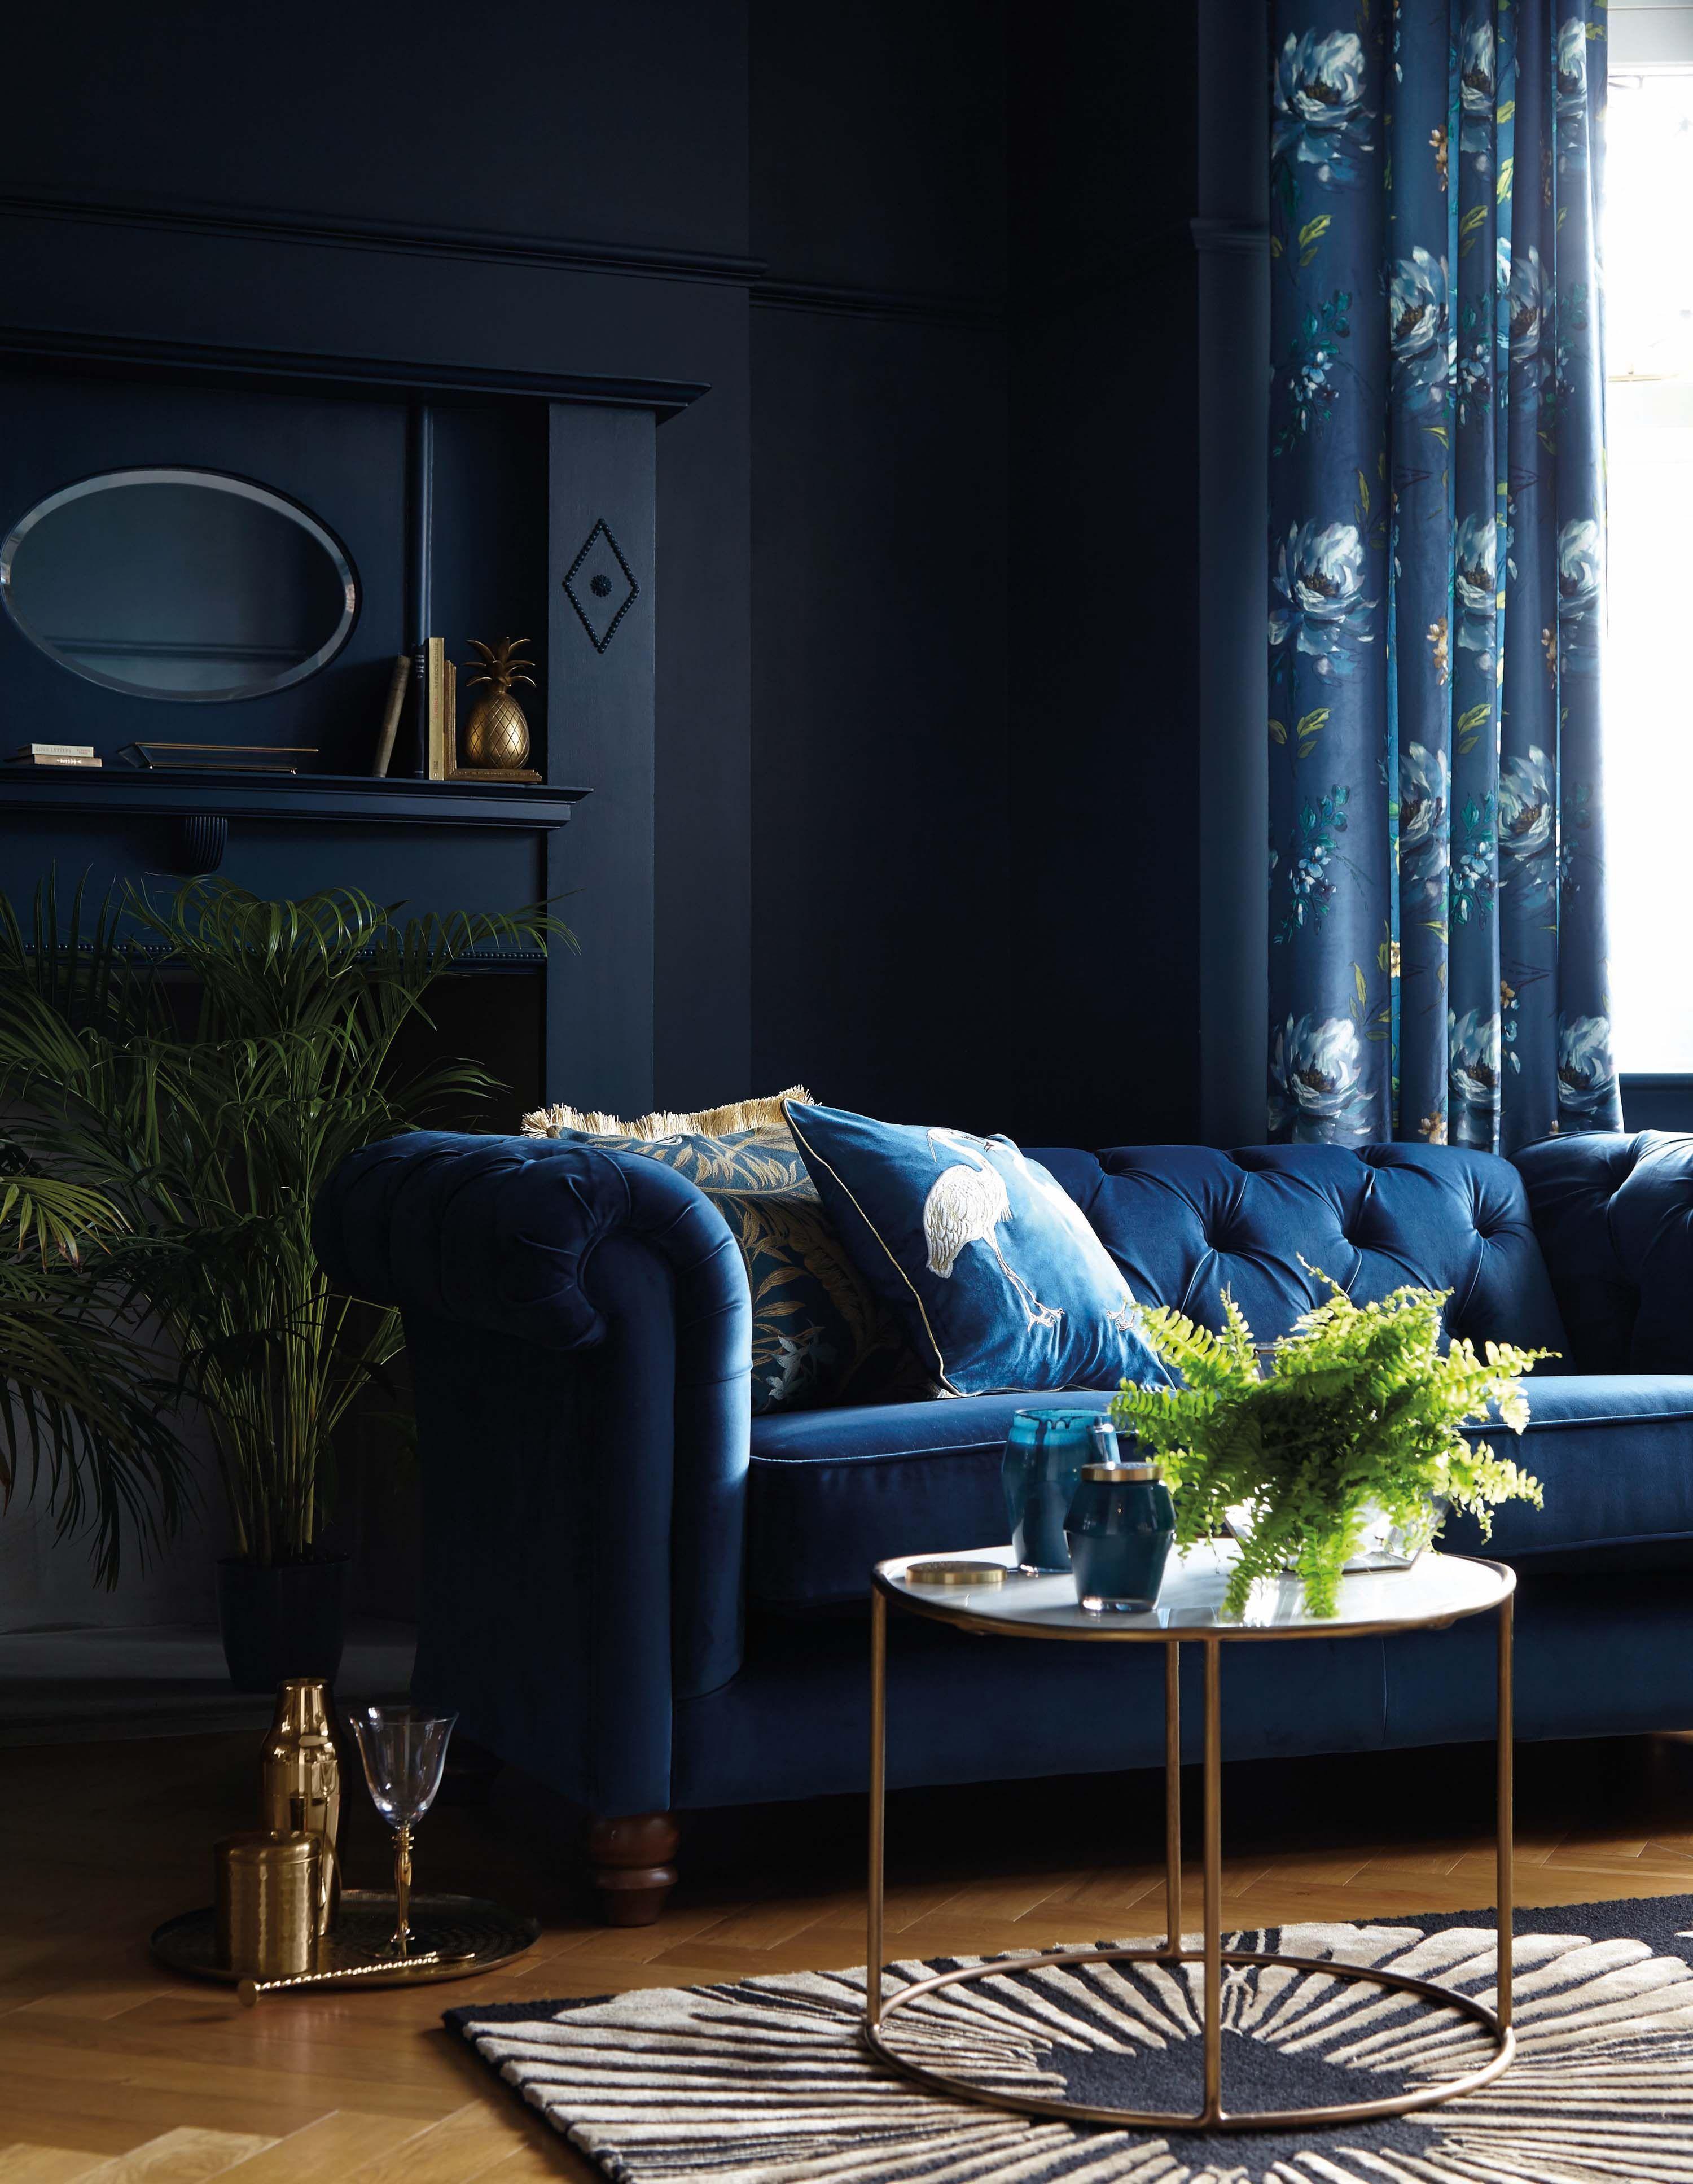 Www Speakthestudio Com Interiordesign Blueinterior Speakdesign Pantone 2020col In 2020 Blue Velvet Sofa Living Room Blue Sofas Living Room Velvet Sofa Living Room